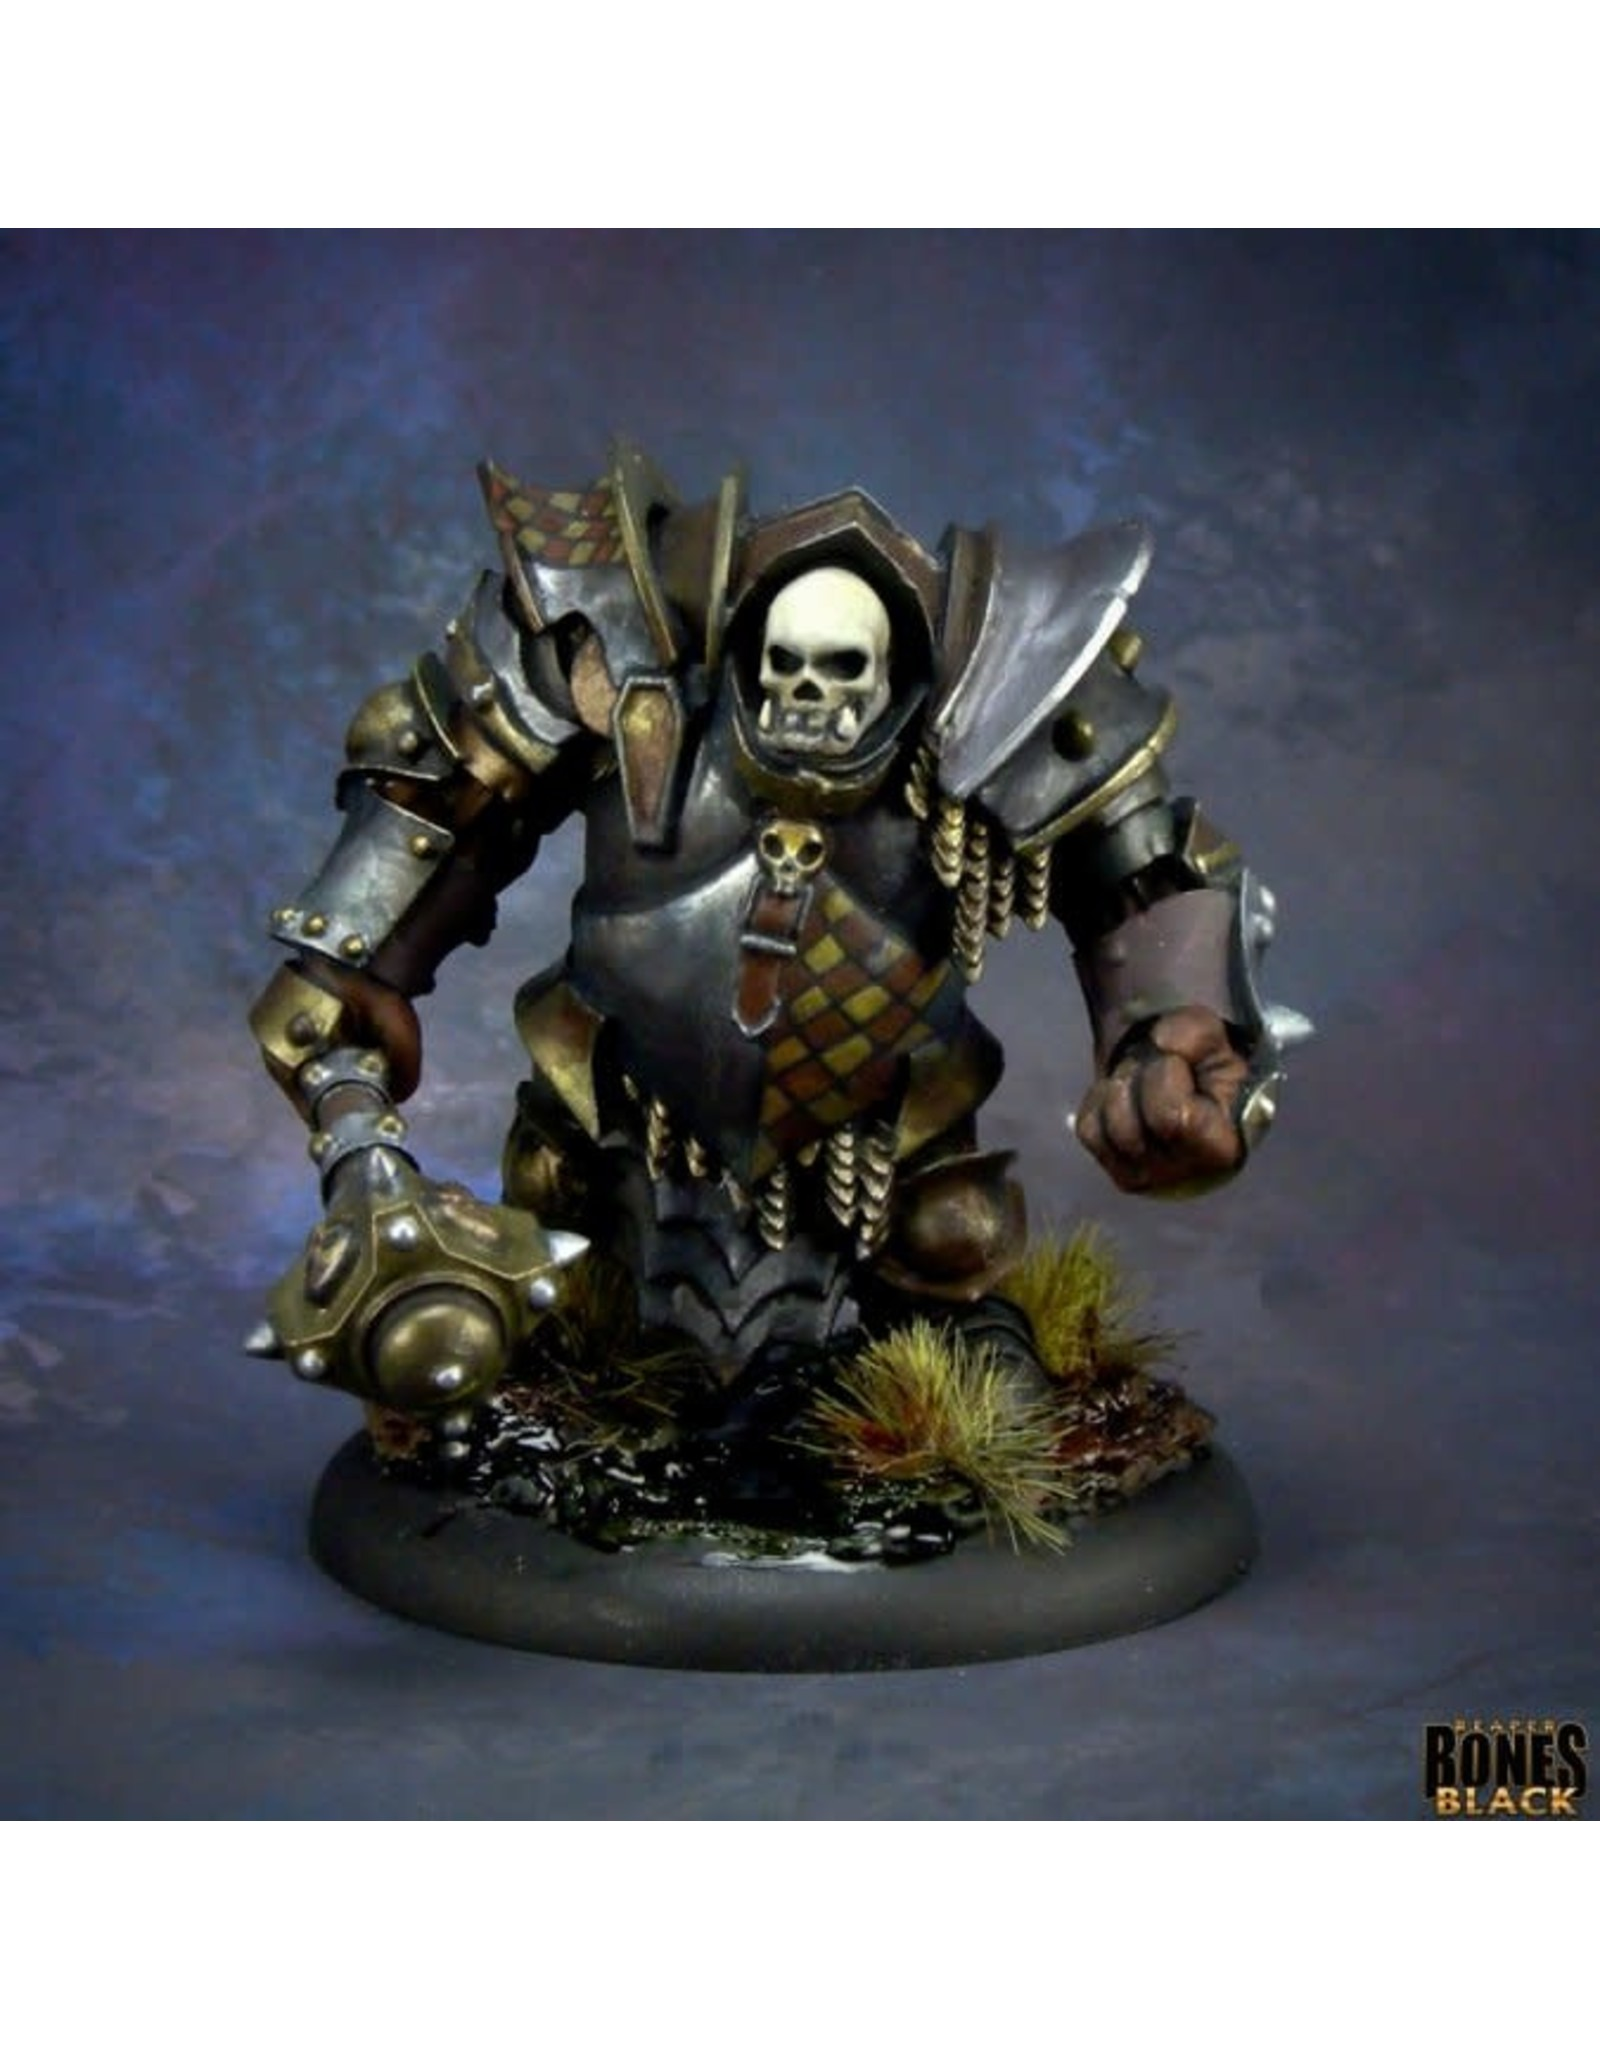 Reaper Miniatures BONES BLACK: MAGGOTCROWN OGRE JUGGERNAUT